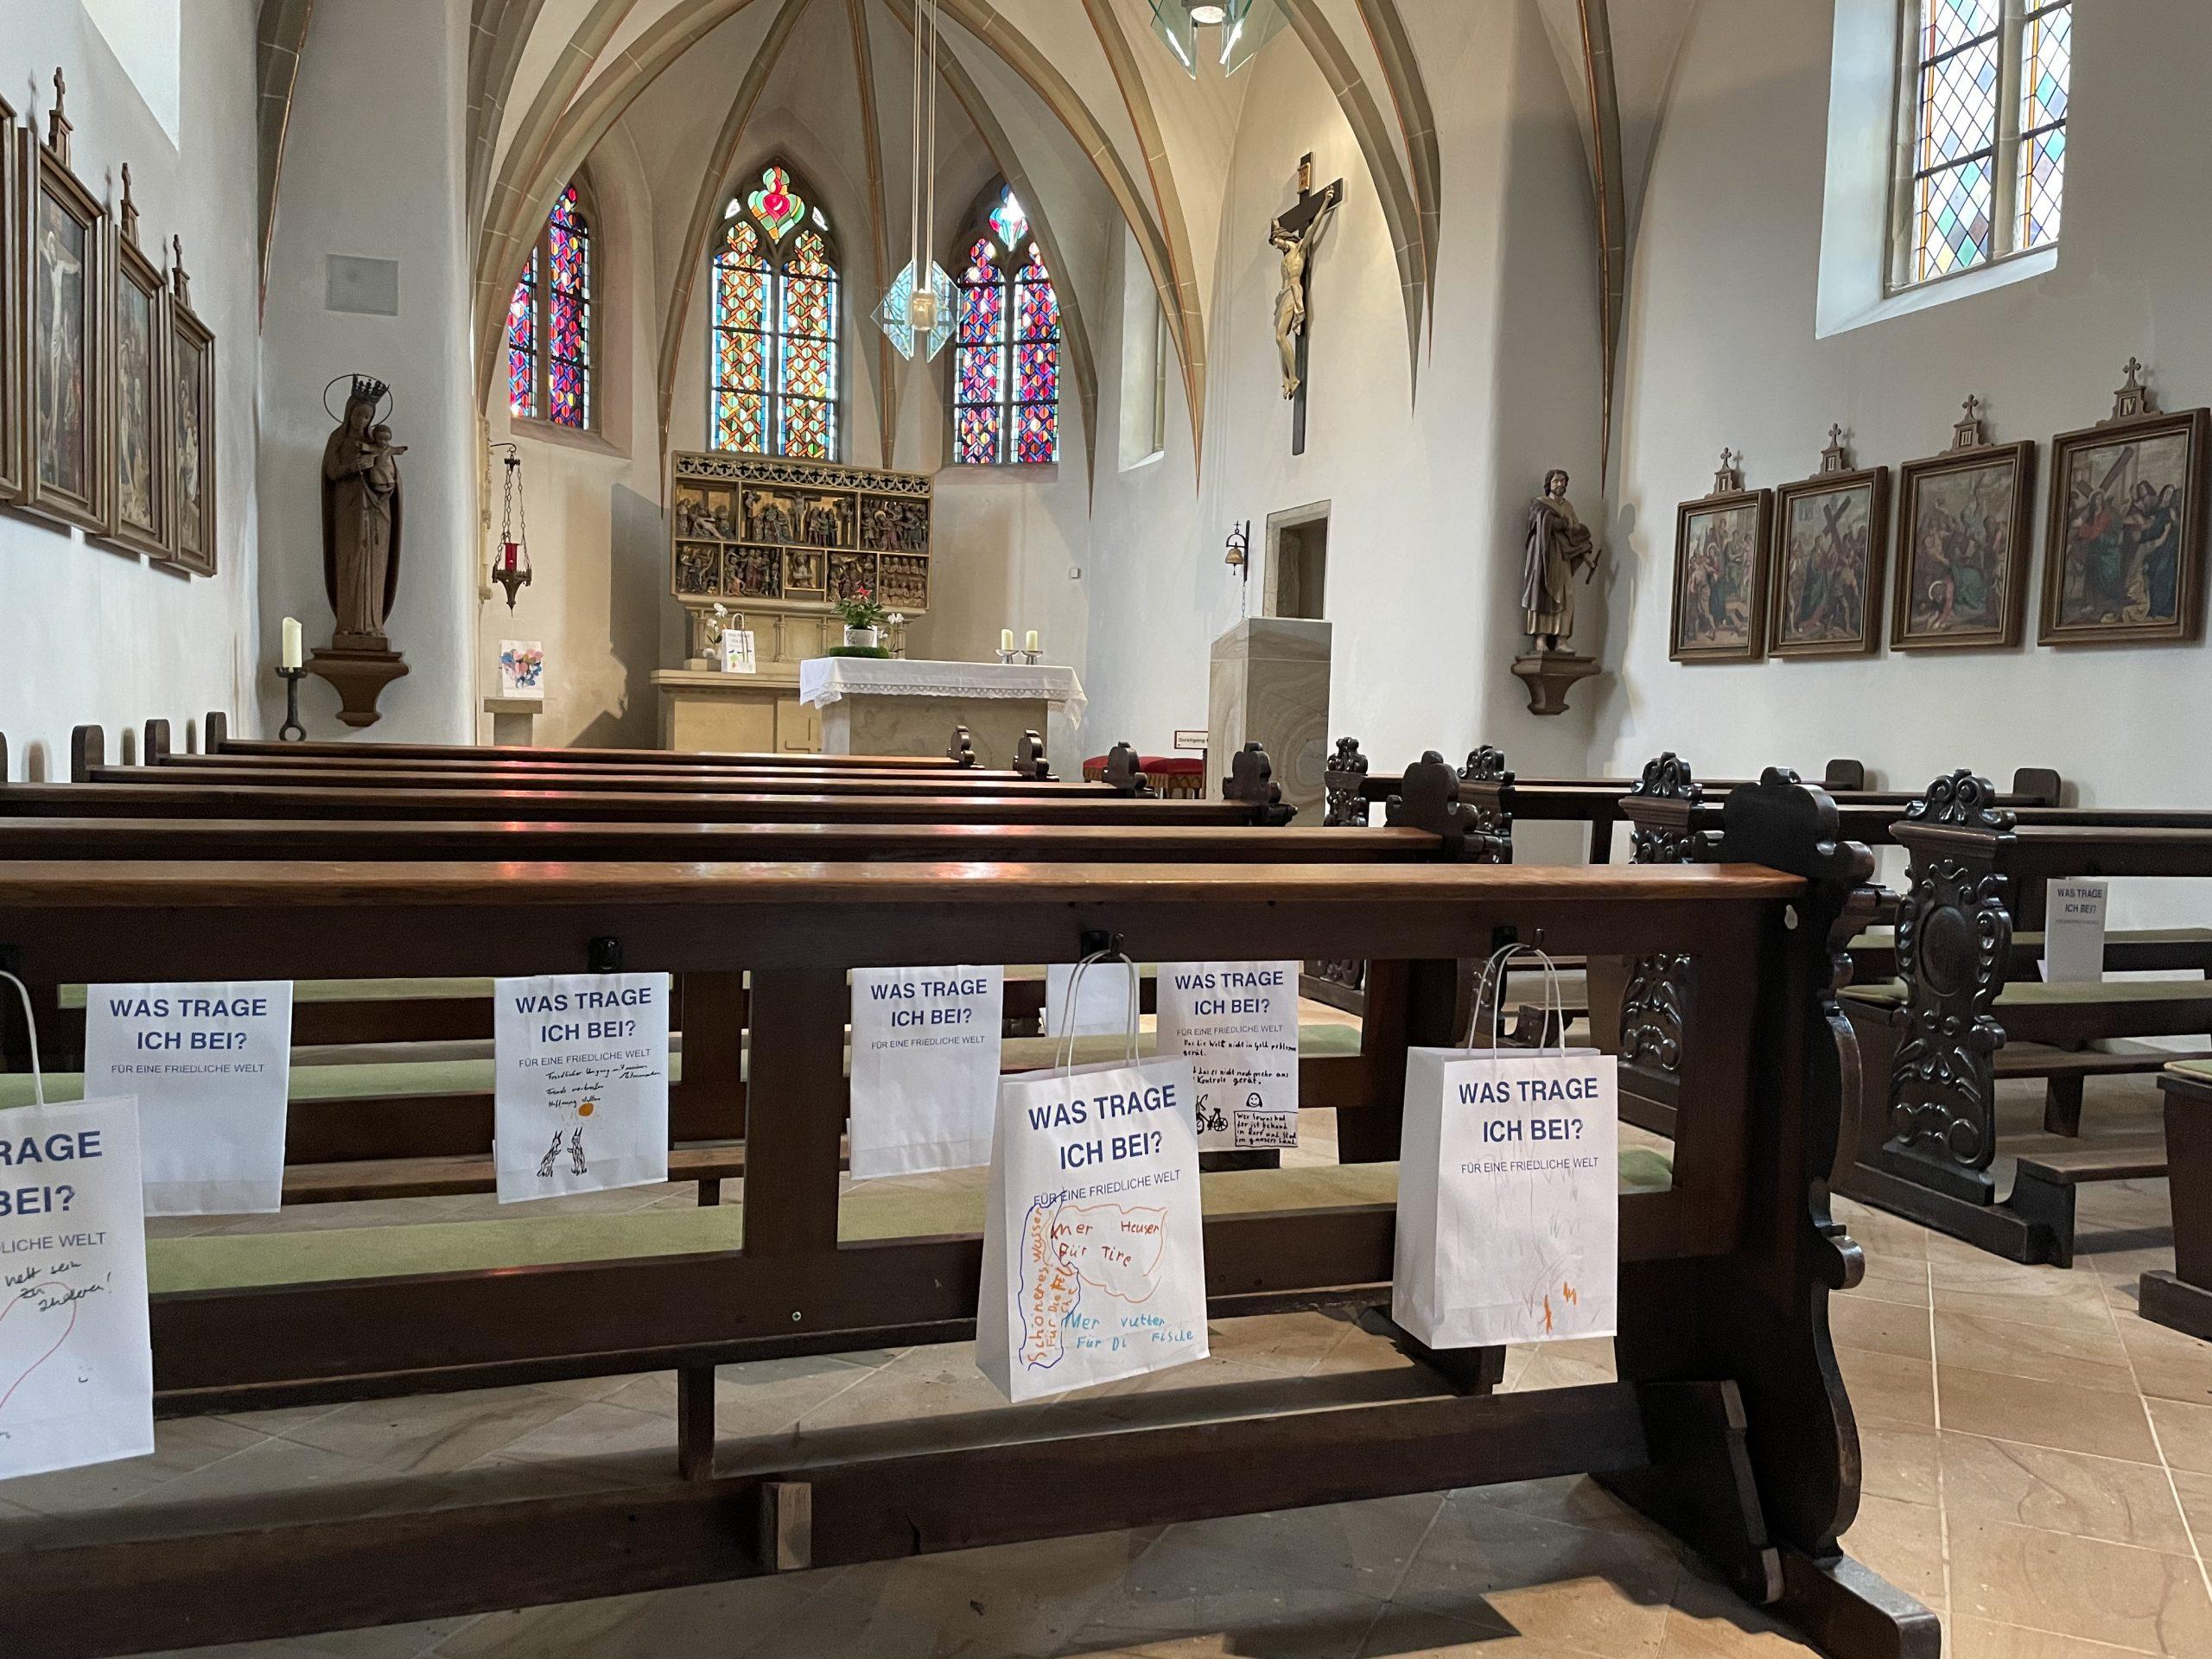 Innenraum einer Kirche mit Altar und Kirchenbänke. An den Bänken hängen buntbemalte Papiertüten des Friedens.